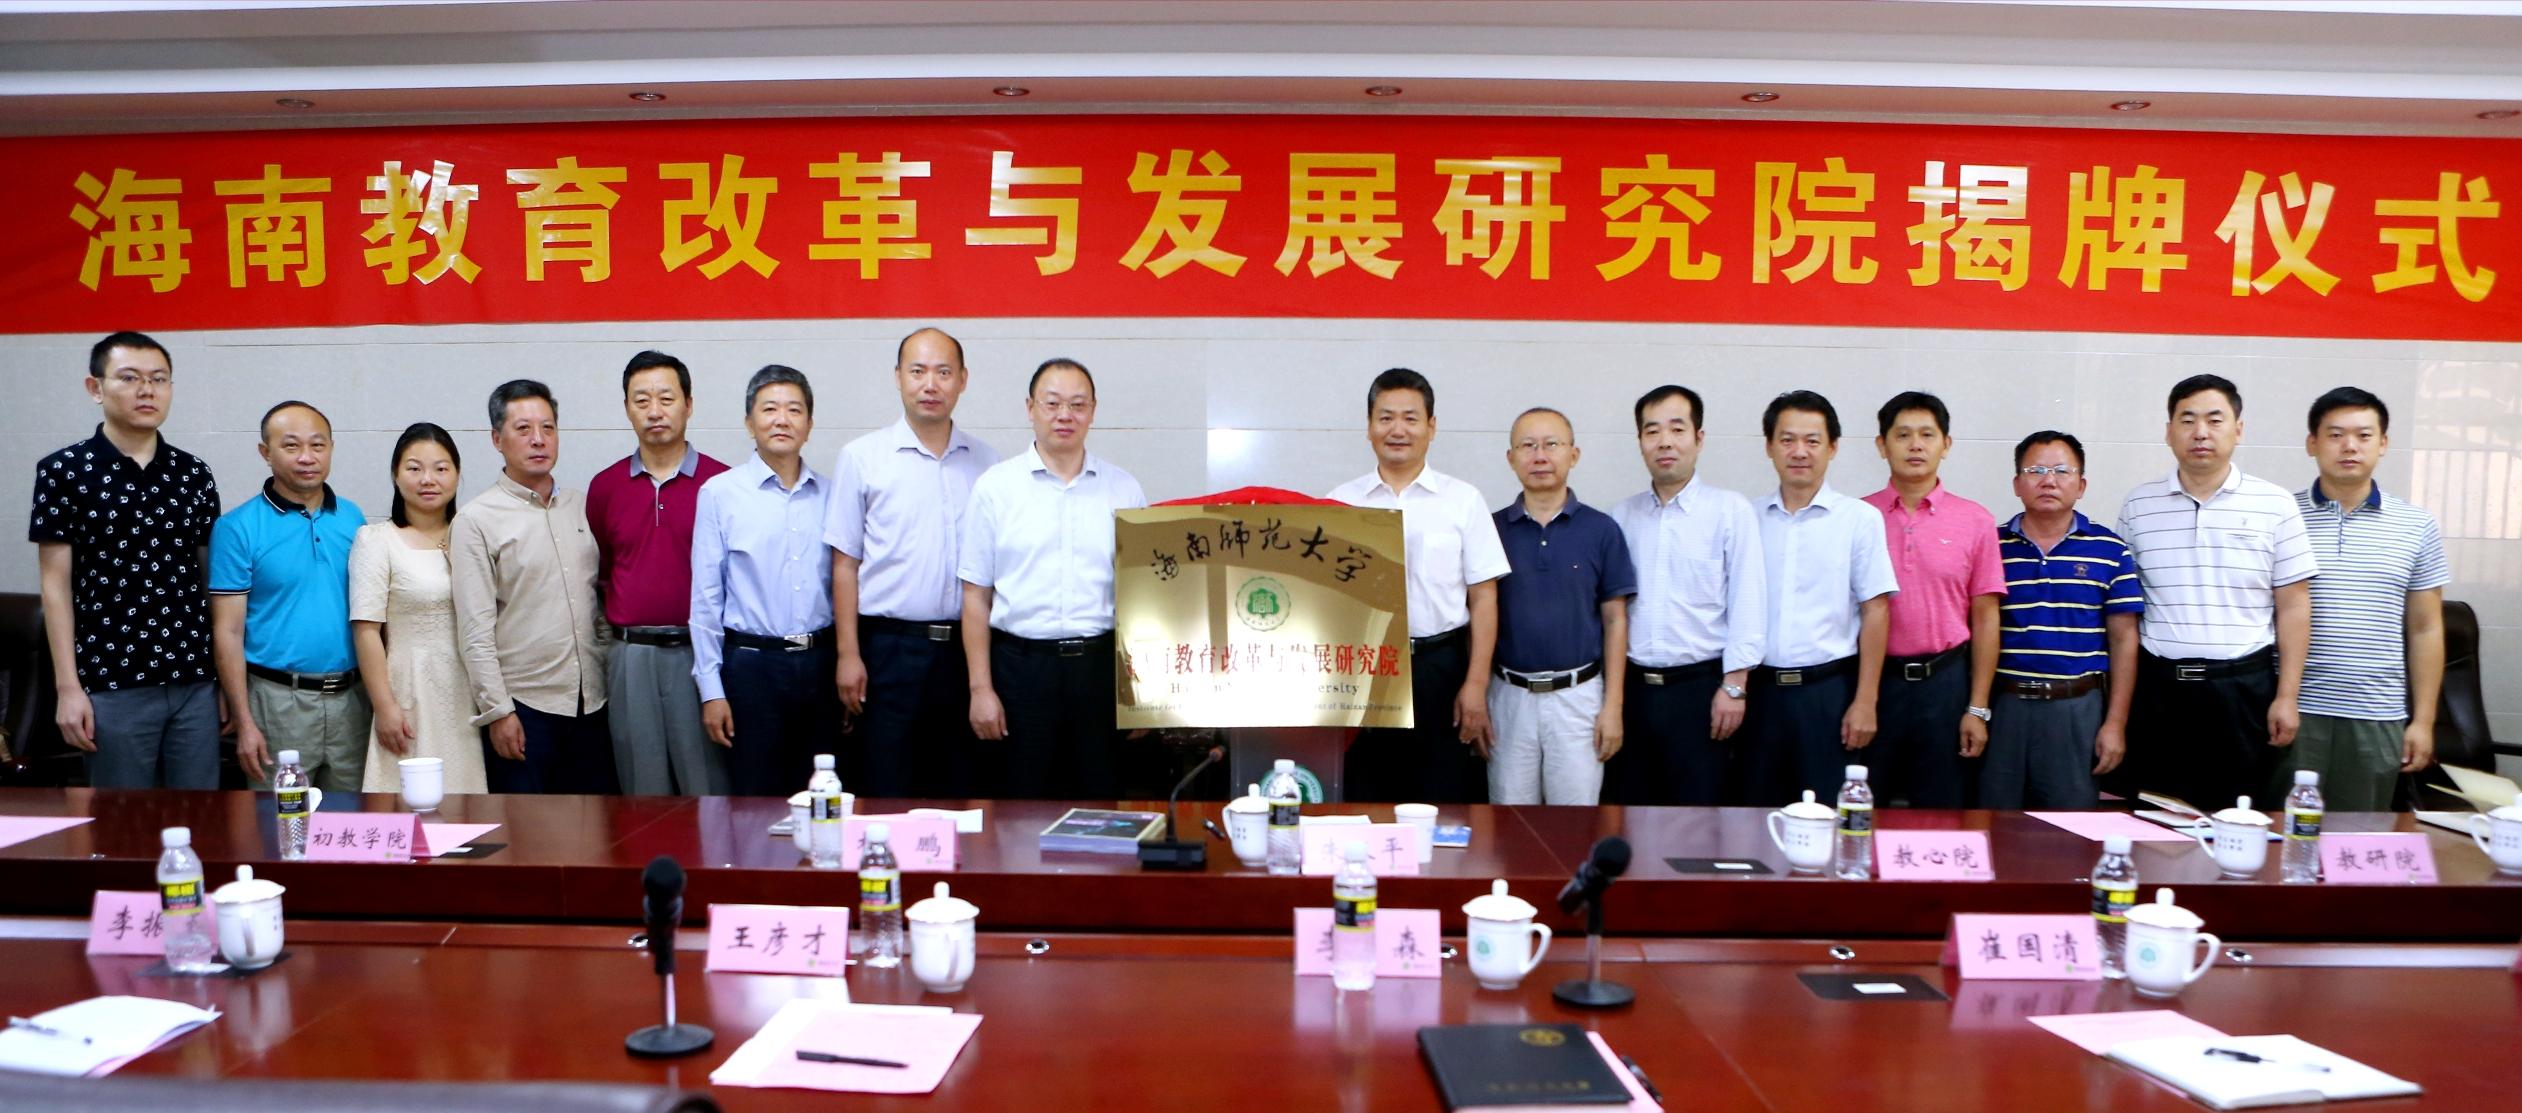 海南教育改革与发展研究院在我校揭牌